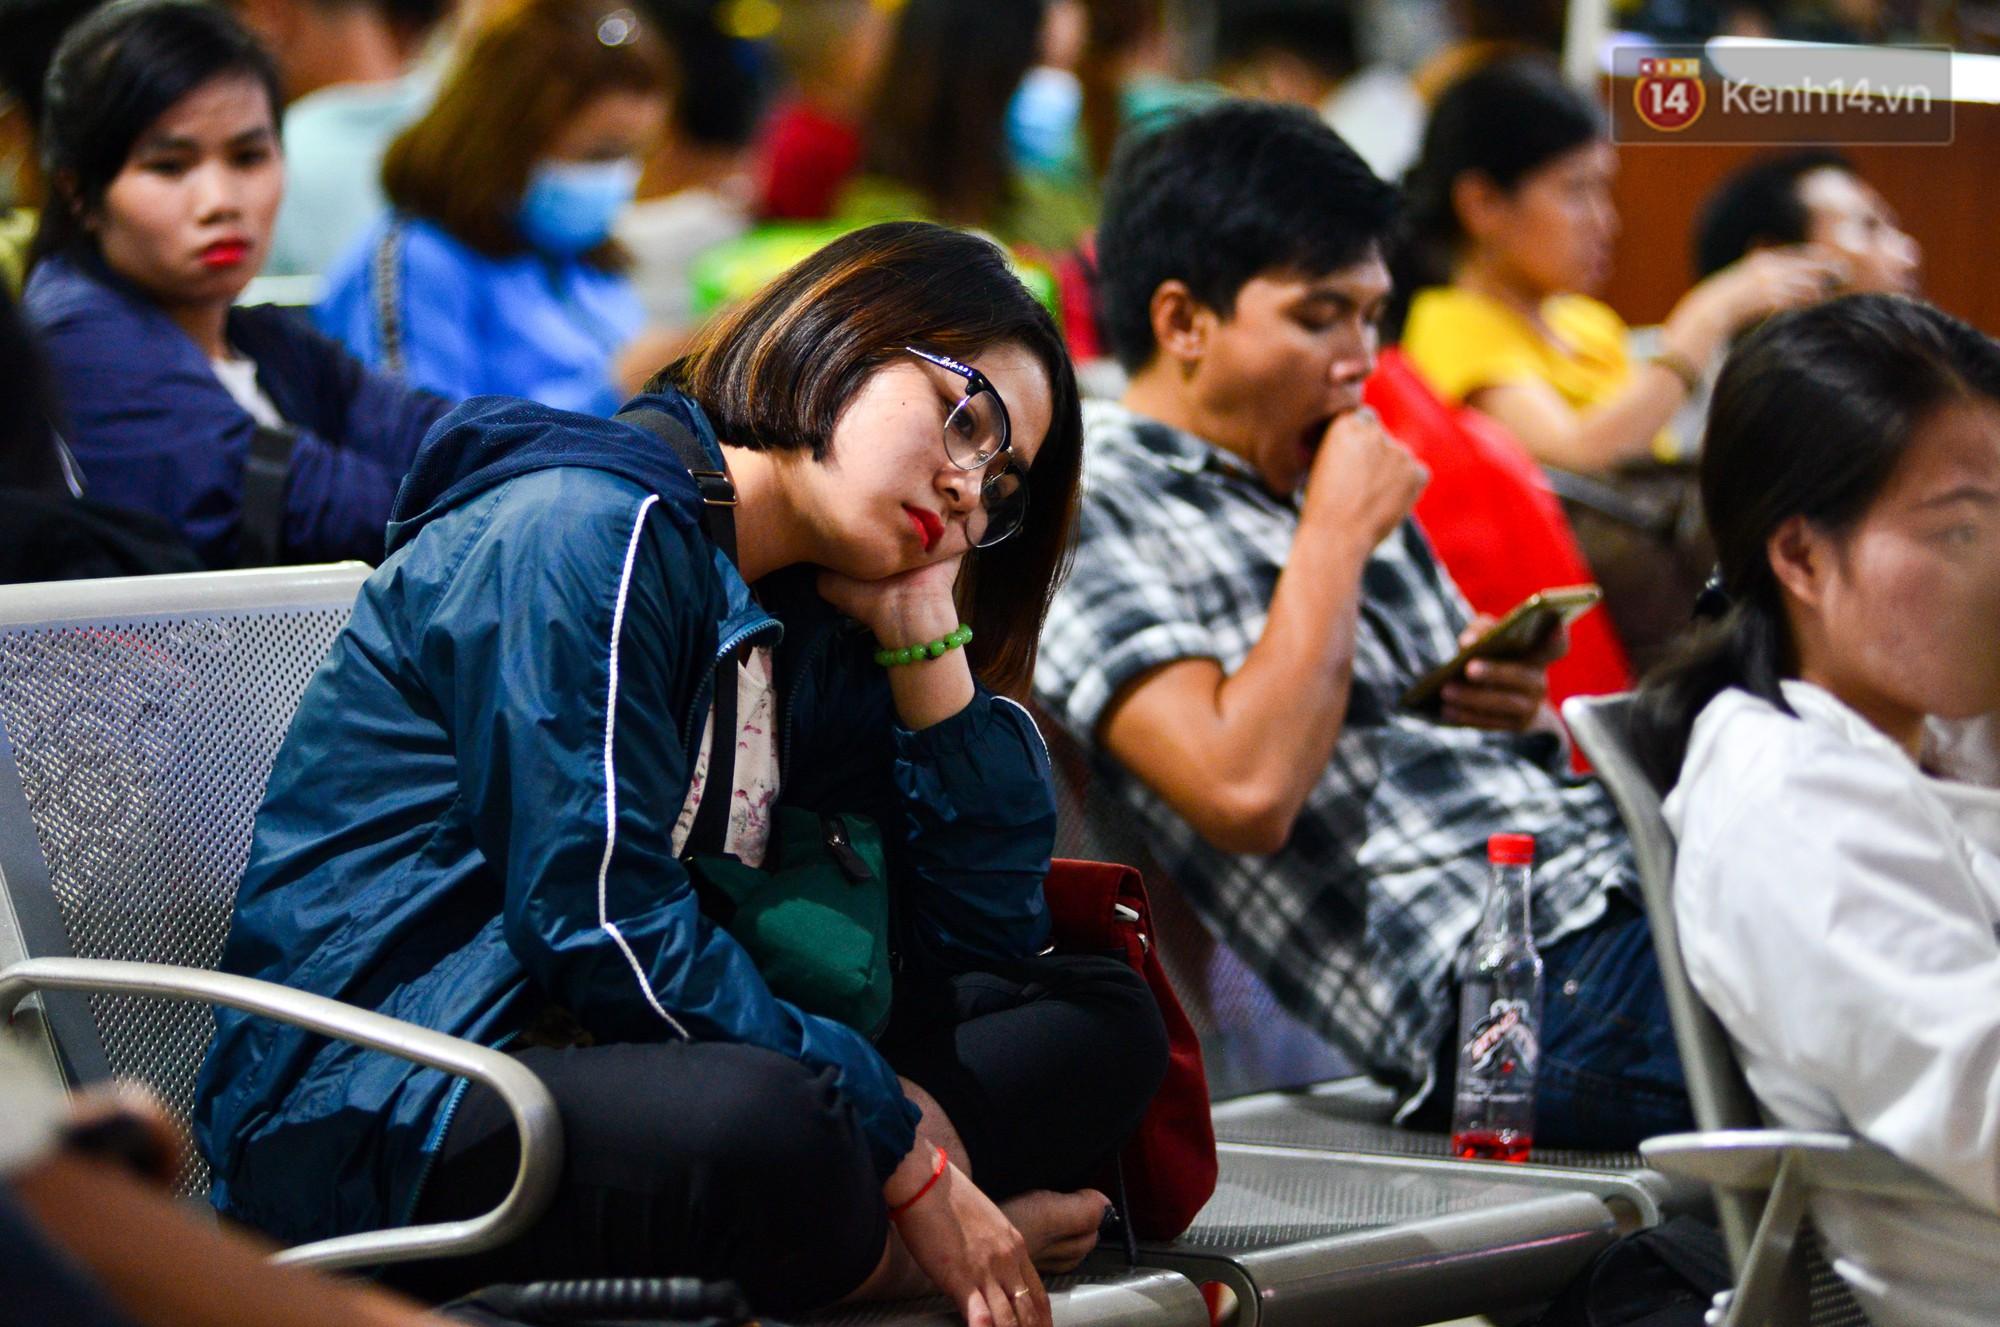 Chùm ảnh: Những giấc ngủ gà gật của người dân chờ xe về quê nghỉ Tết khiến nhiều người nhìn thôi cũng thấy mệt - Ảnh 20.